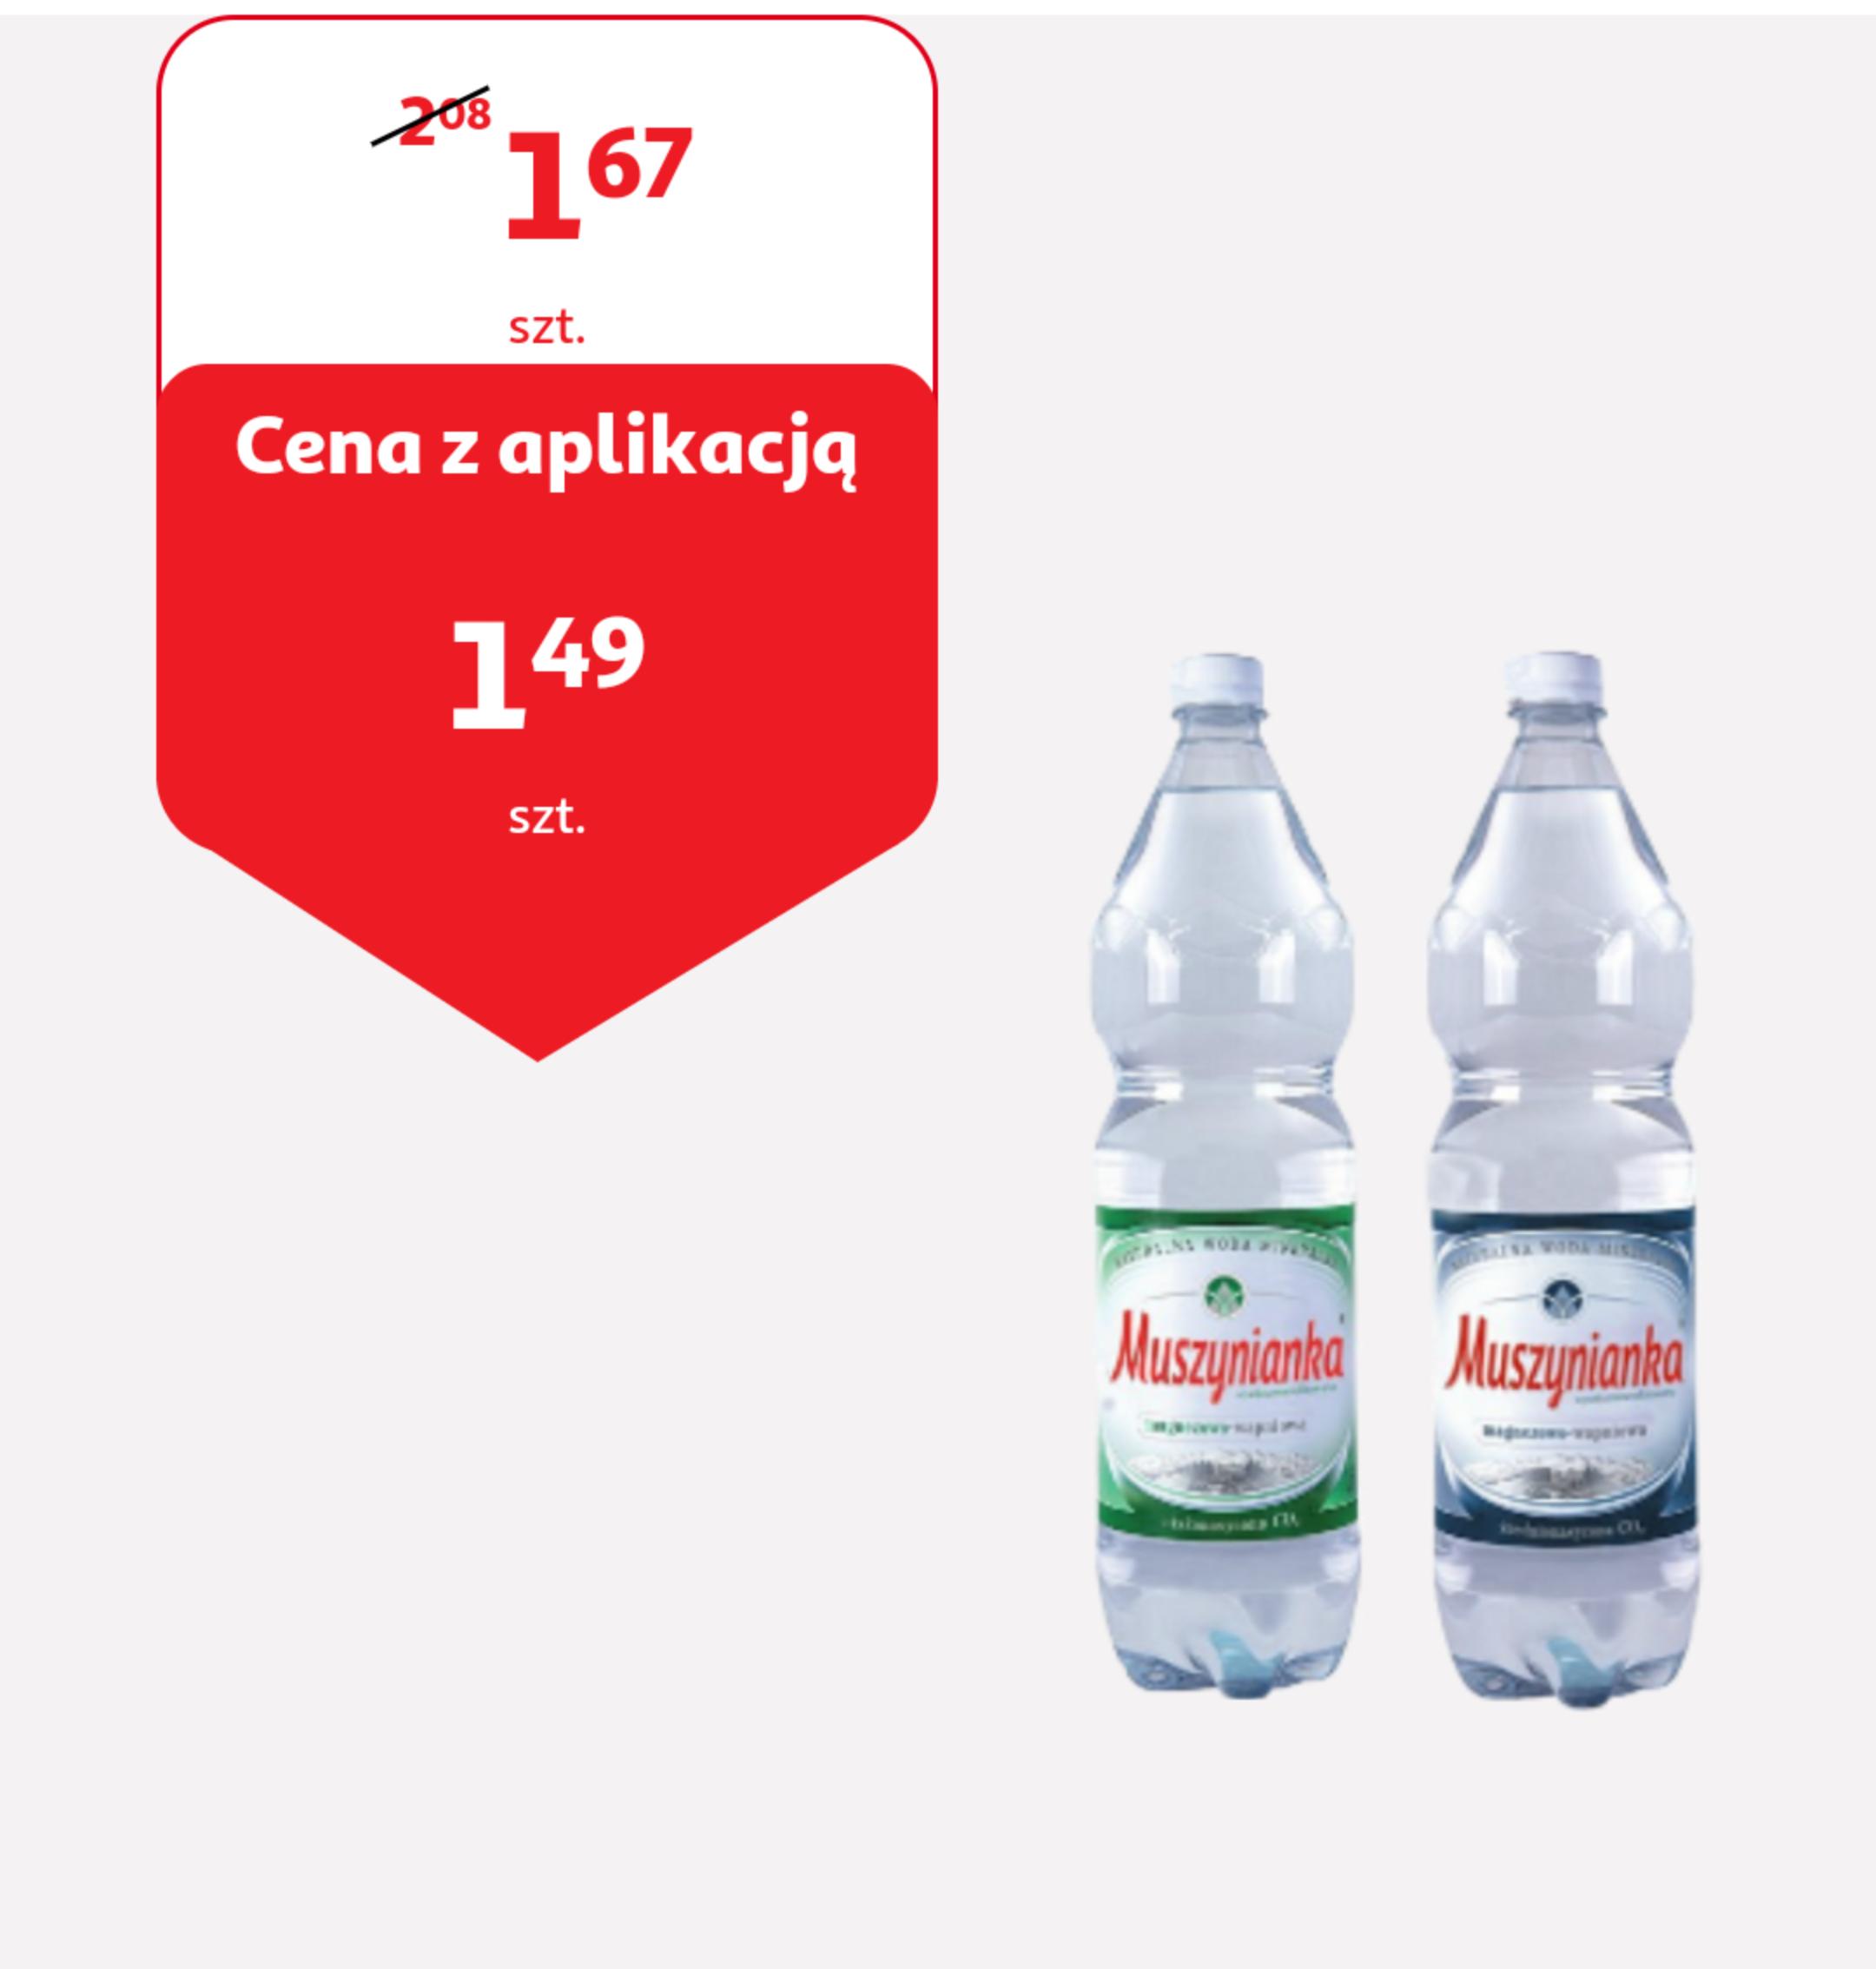 Muszynianka po 1,49 zł @ Auchan i Auchan Direct